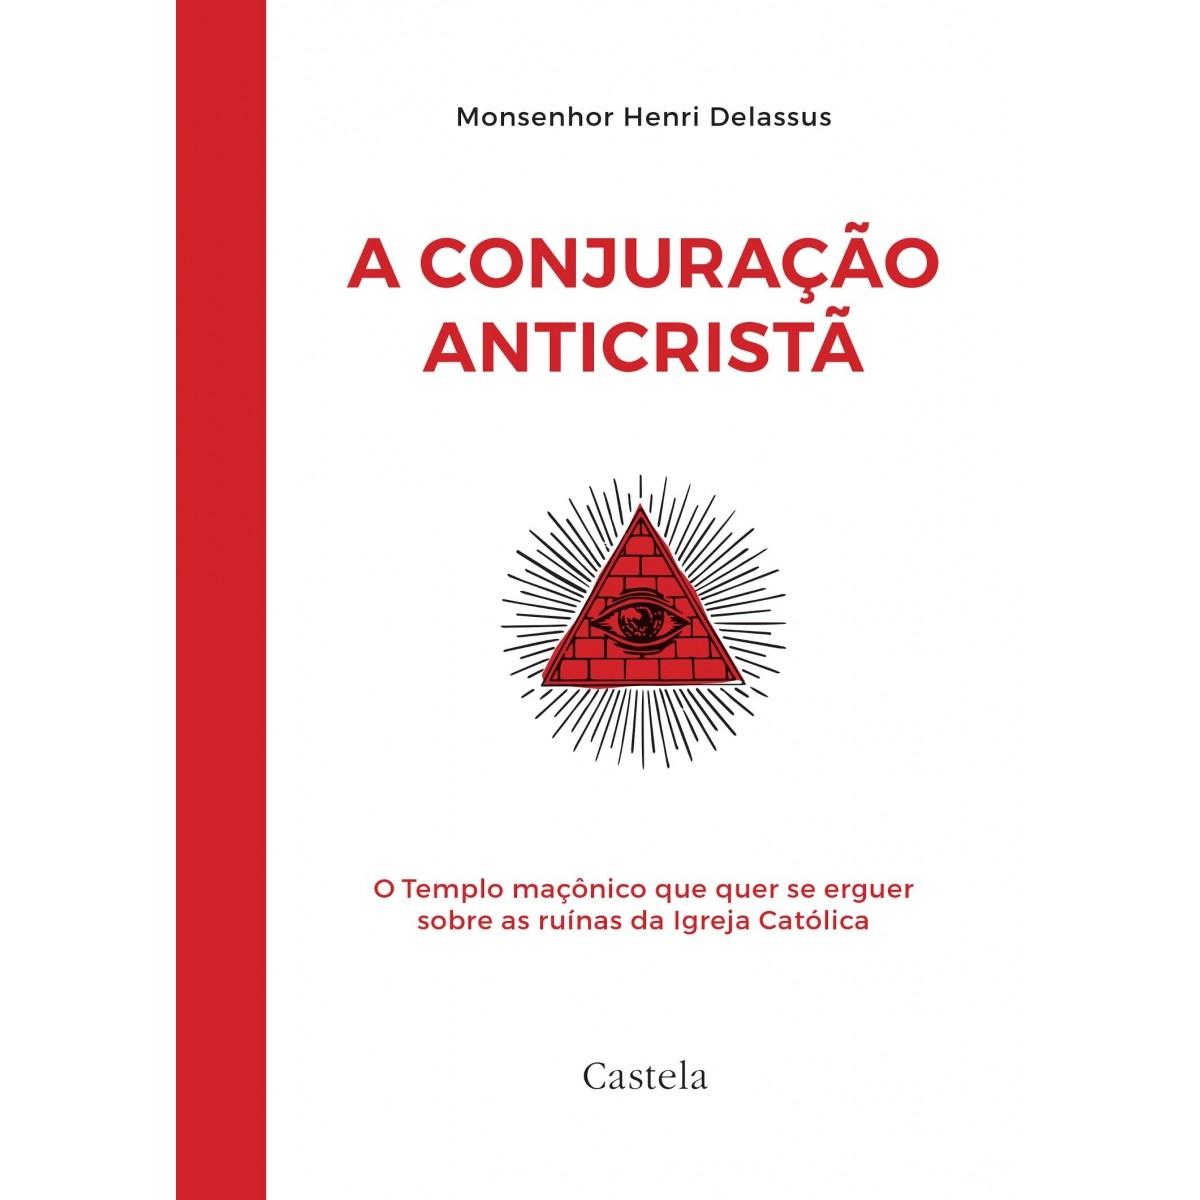 A conjuração anticristã - Monsenhor Henri Delassus